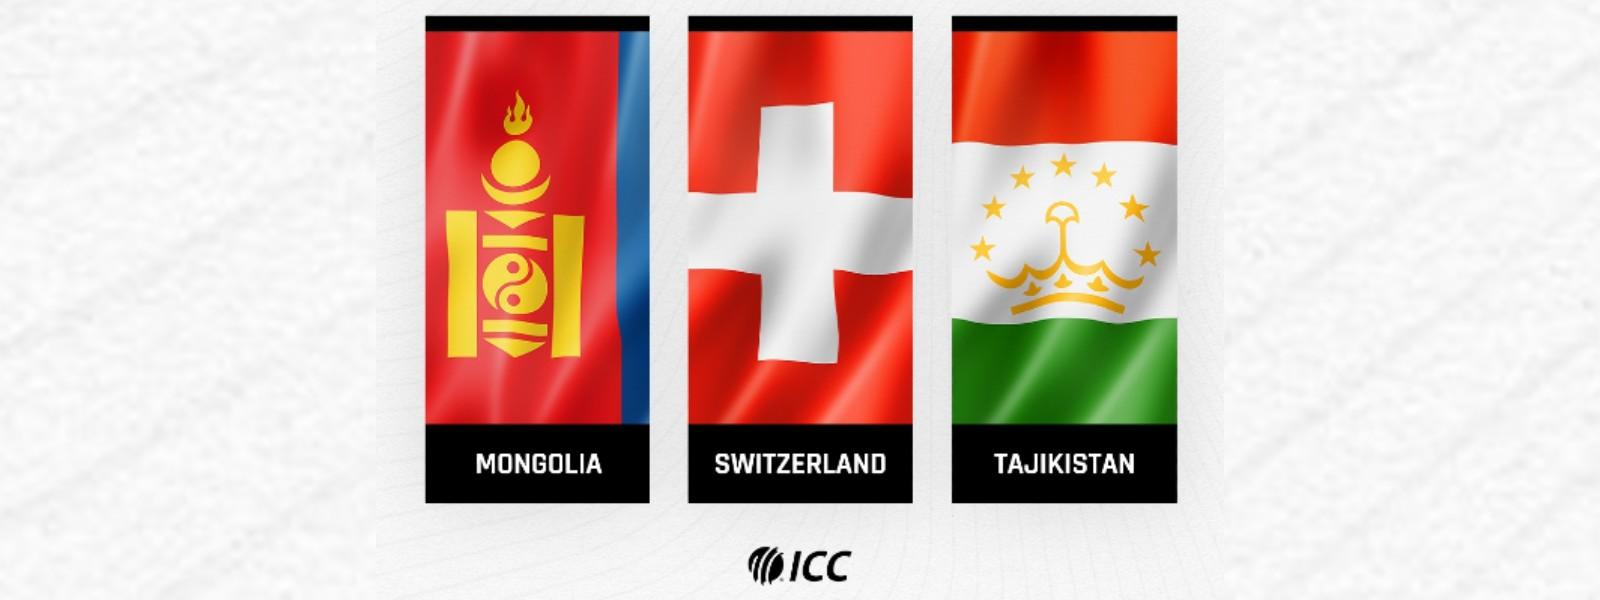 තවත් රටවල් 03කට ICC සාමාජිකත්වය හිමිවෙයි